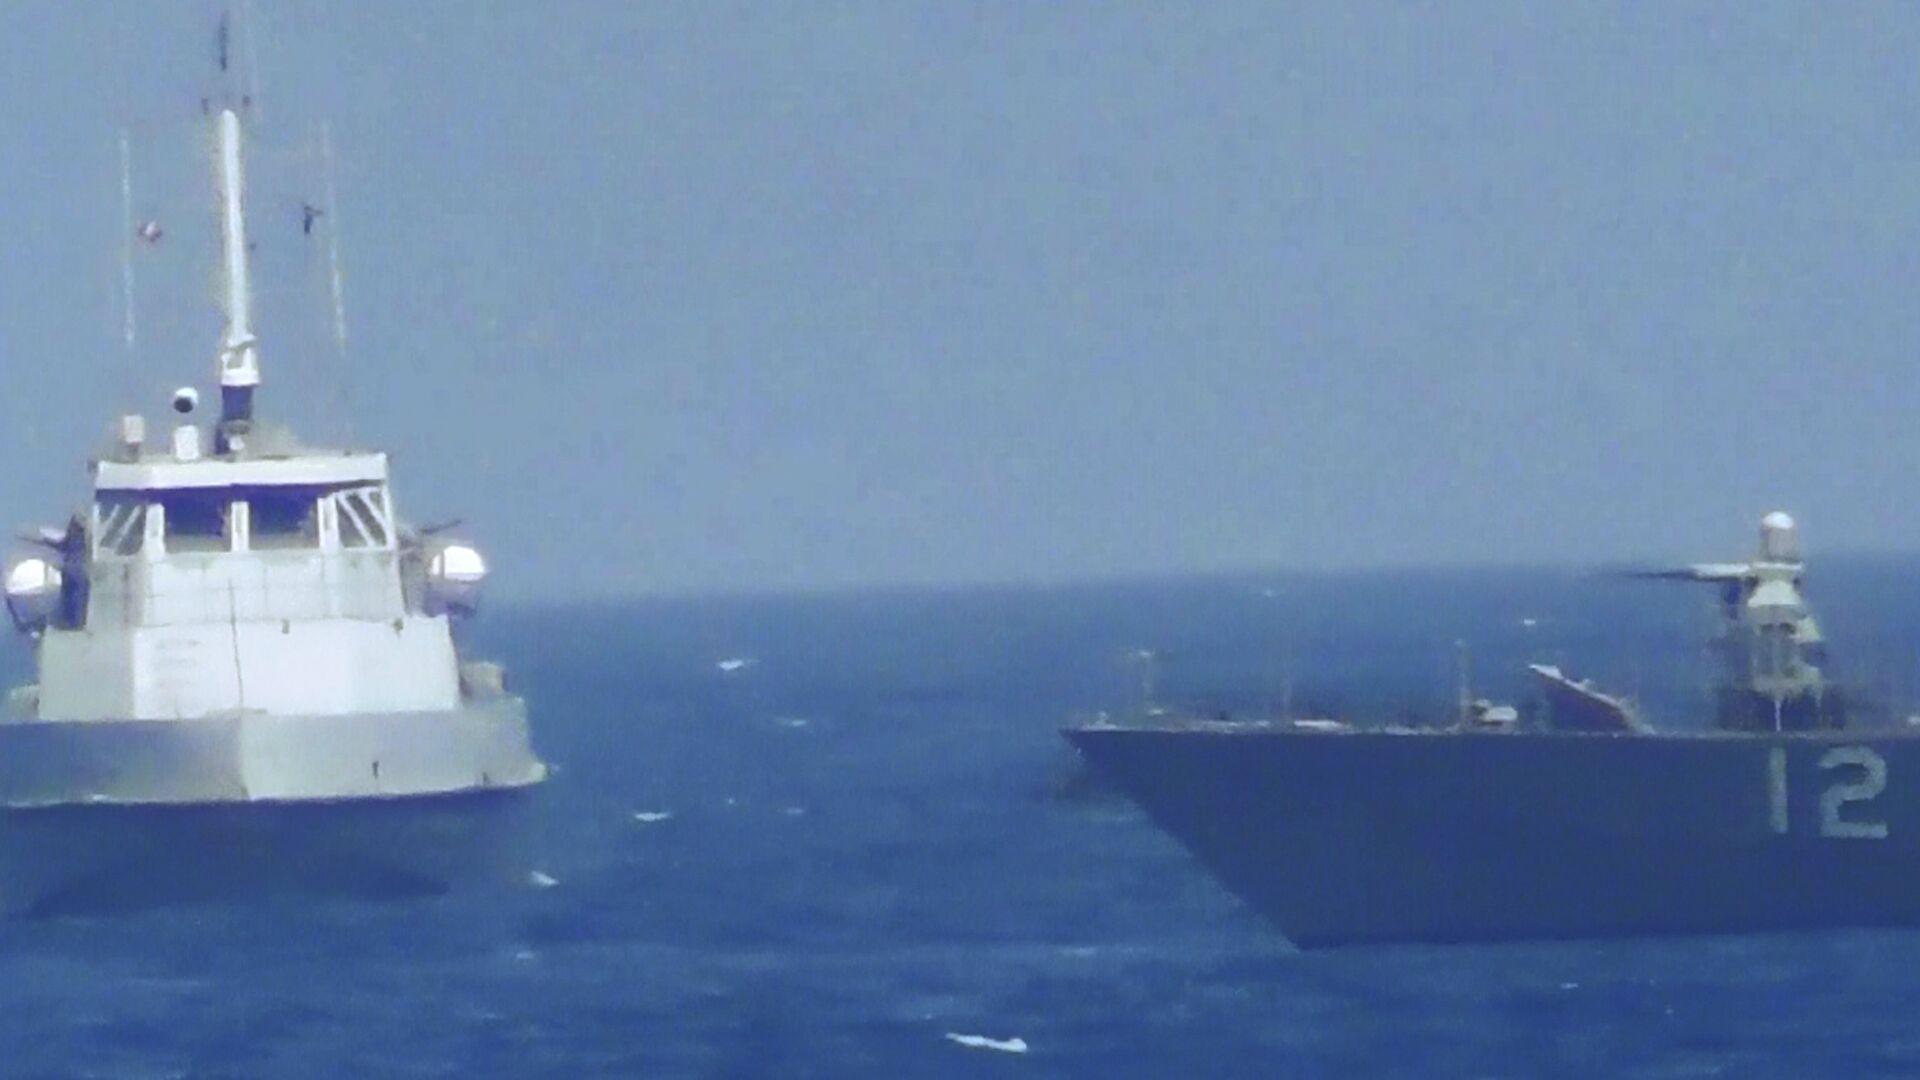 Сближение иранского катера с кораблем ВМС США в Персидском заливе. 25 июля 2017 года - РИА Новости, 1920, 13.04.2021